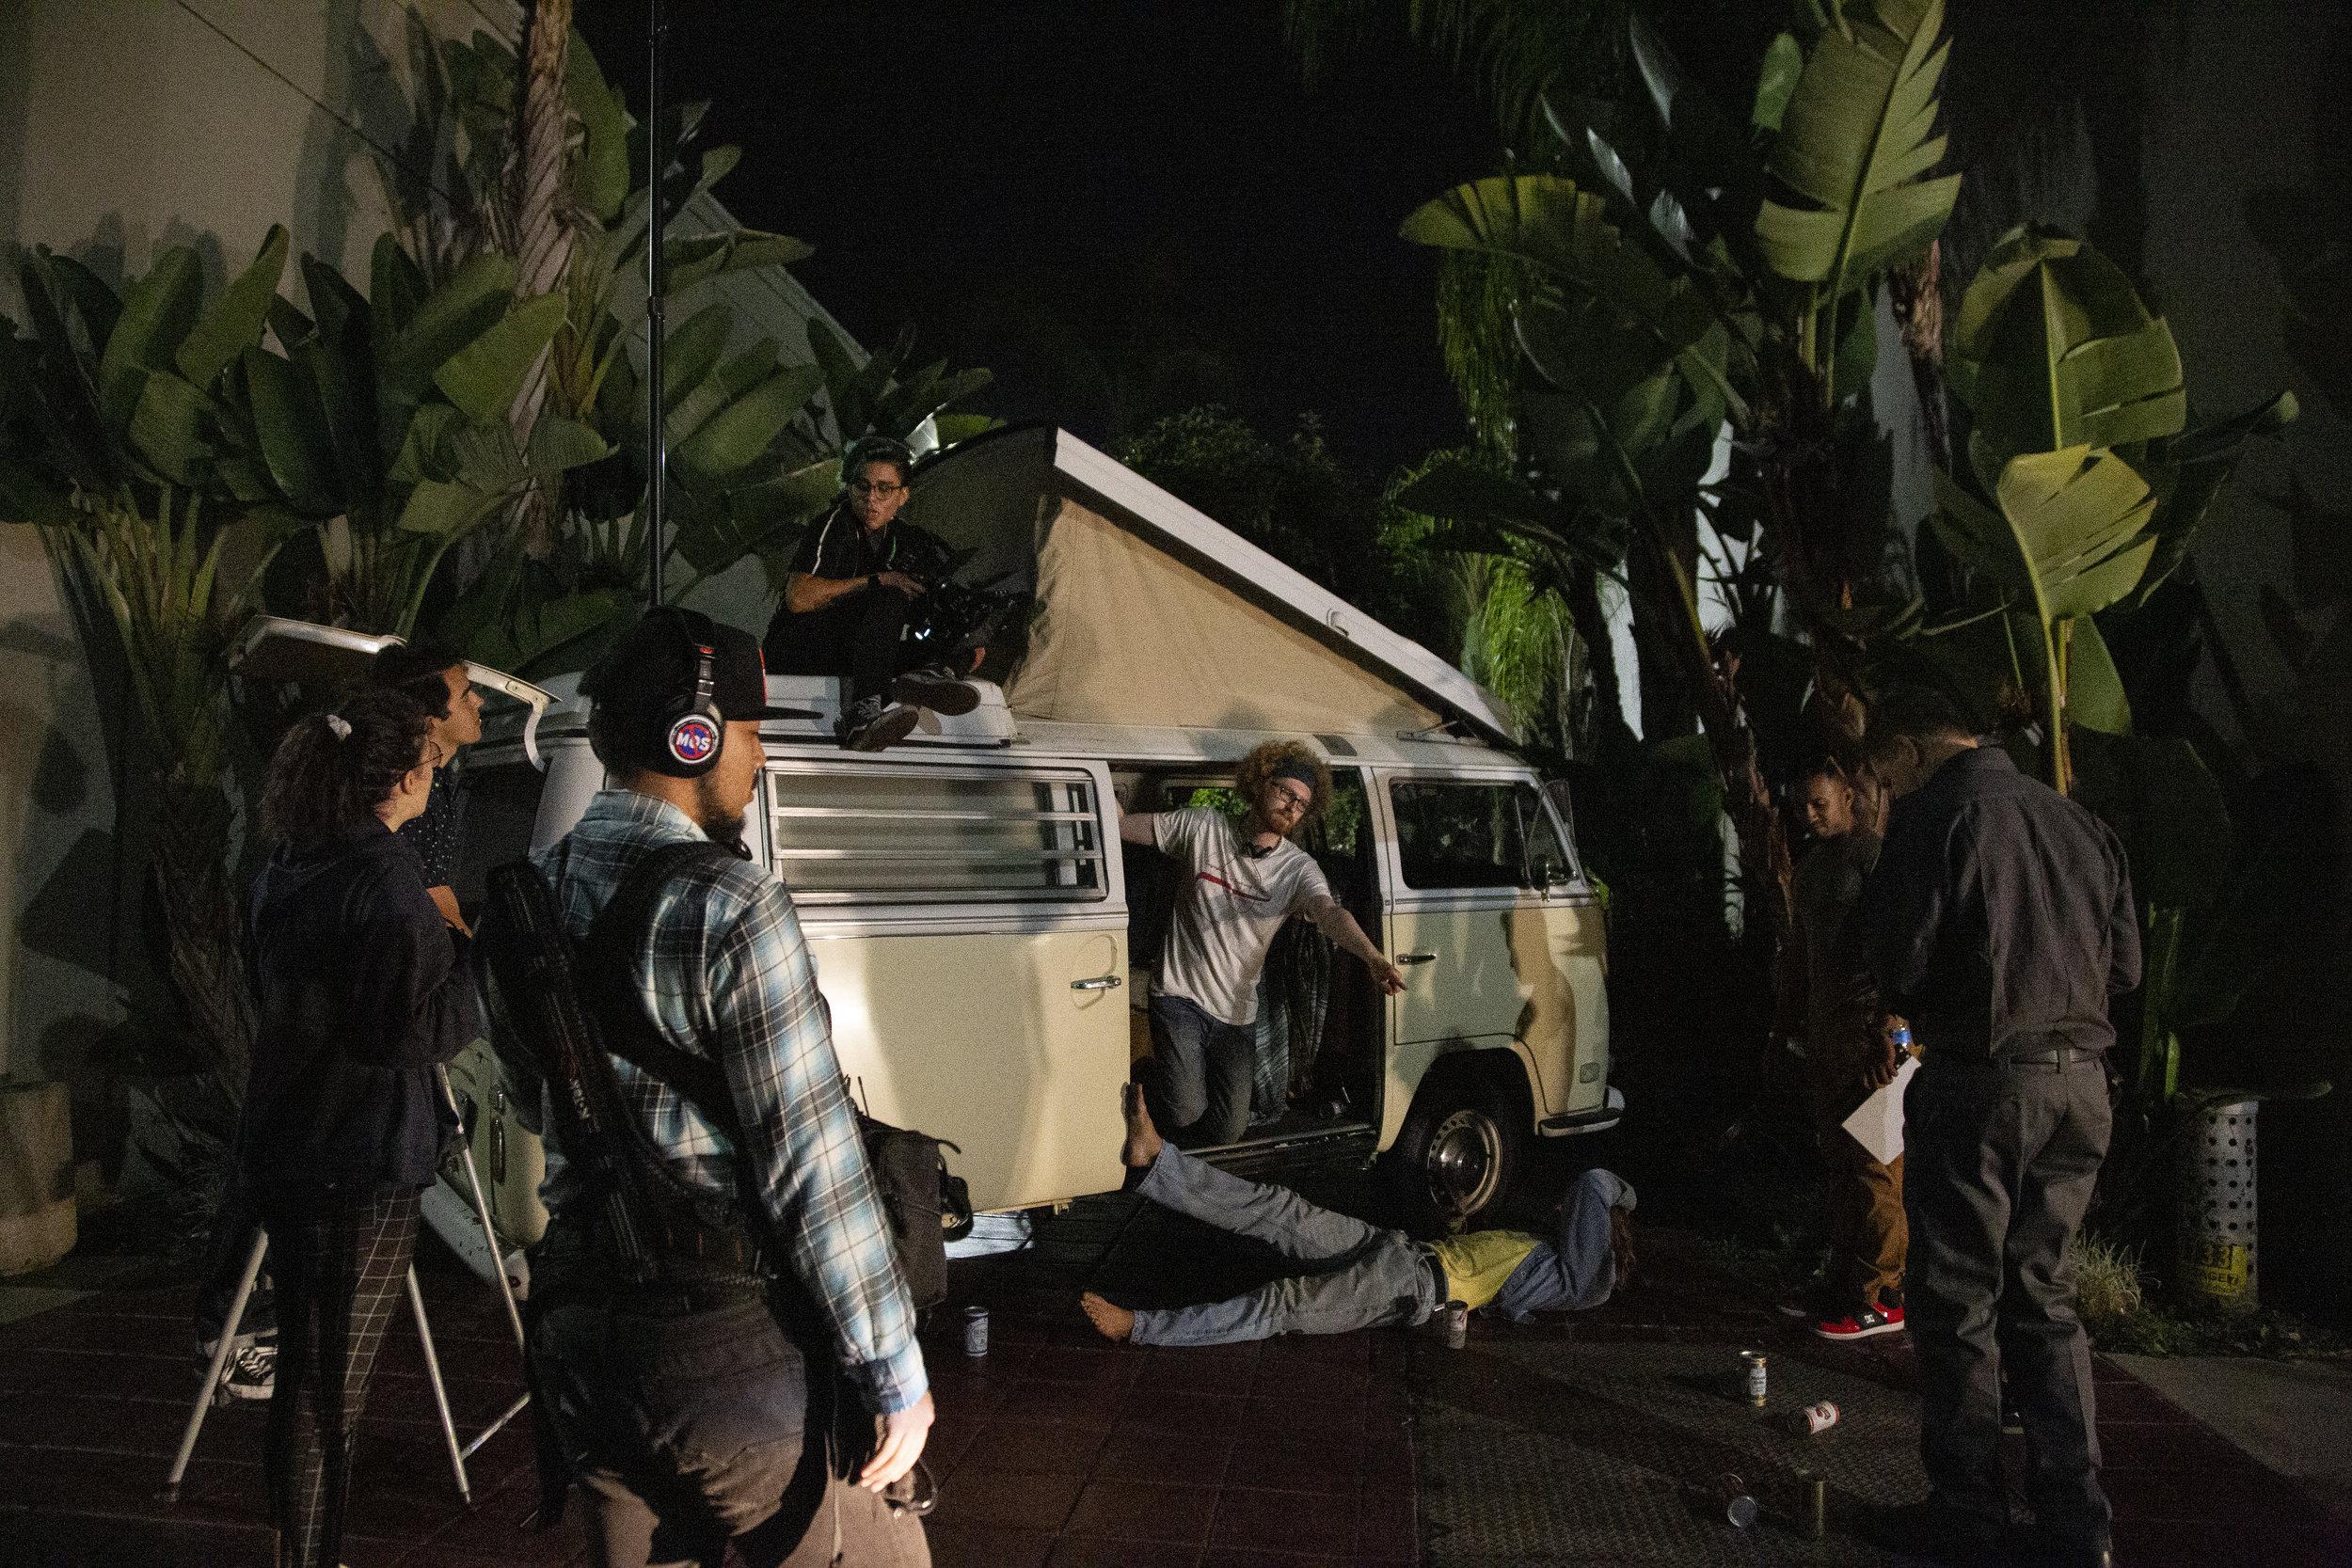 Landon Coats directing the set of Motel 32